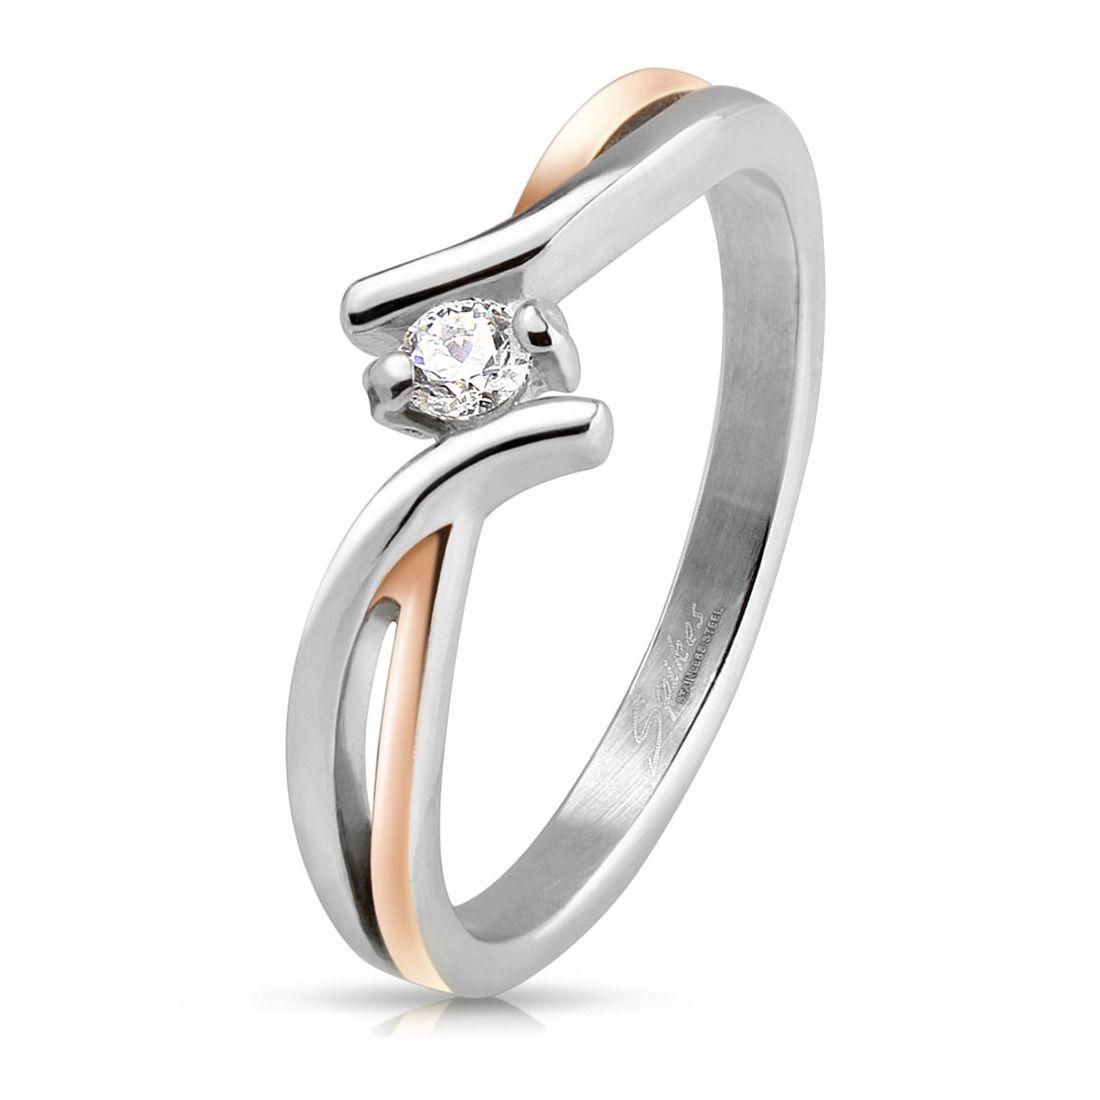 Edelstahl Ring Damen Solitarring Verlobungsring Zirkonia Kristall